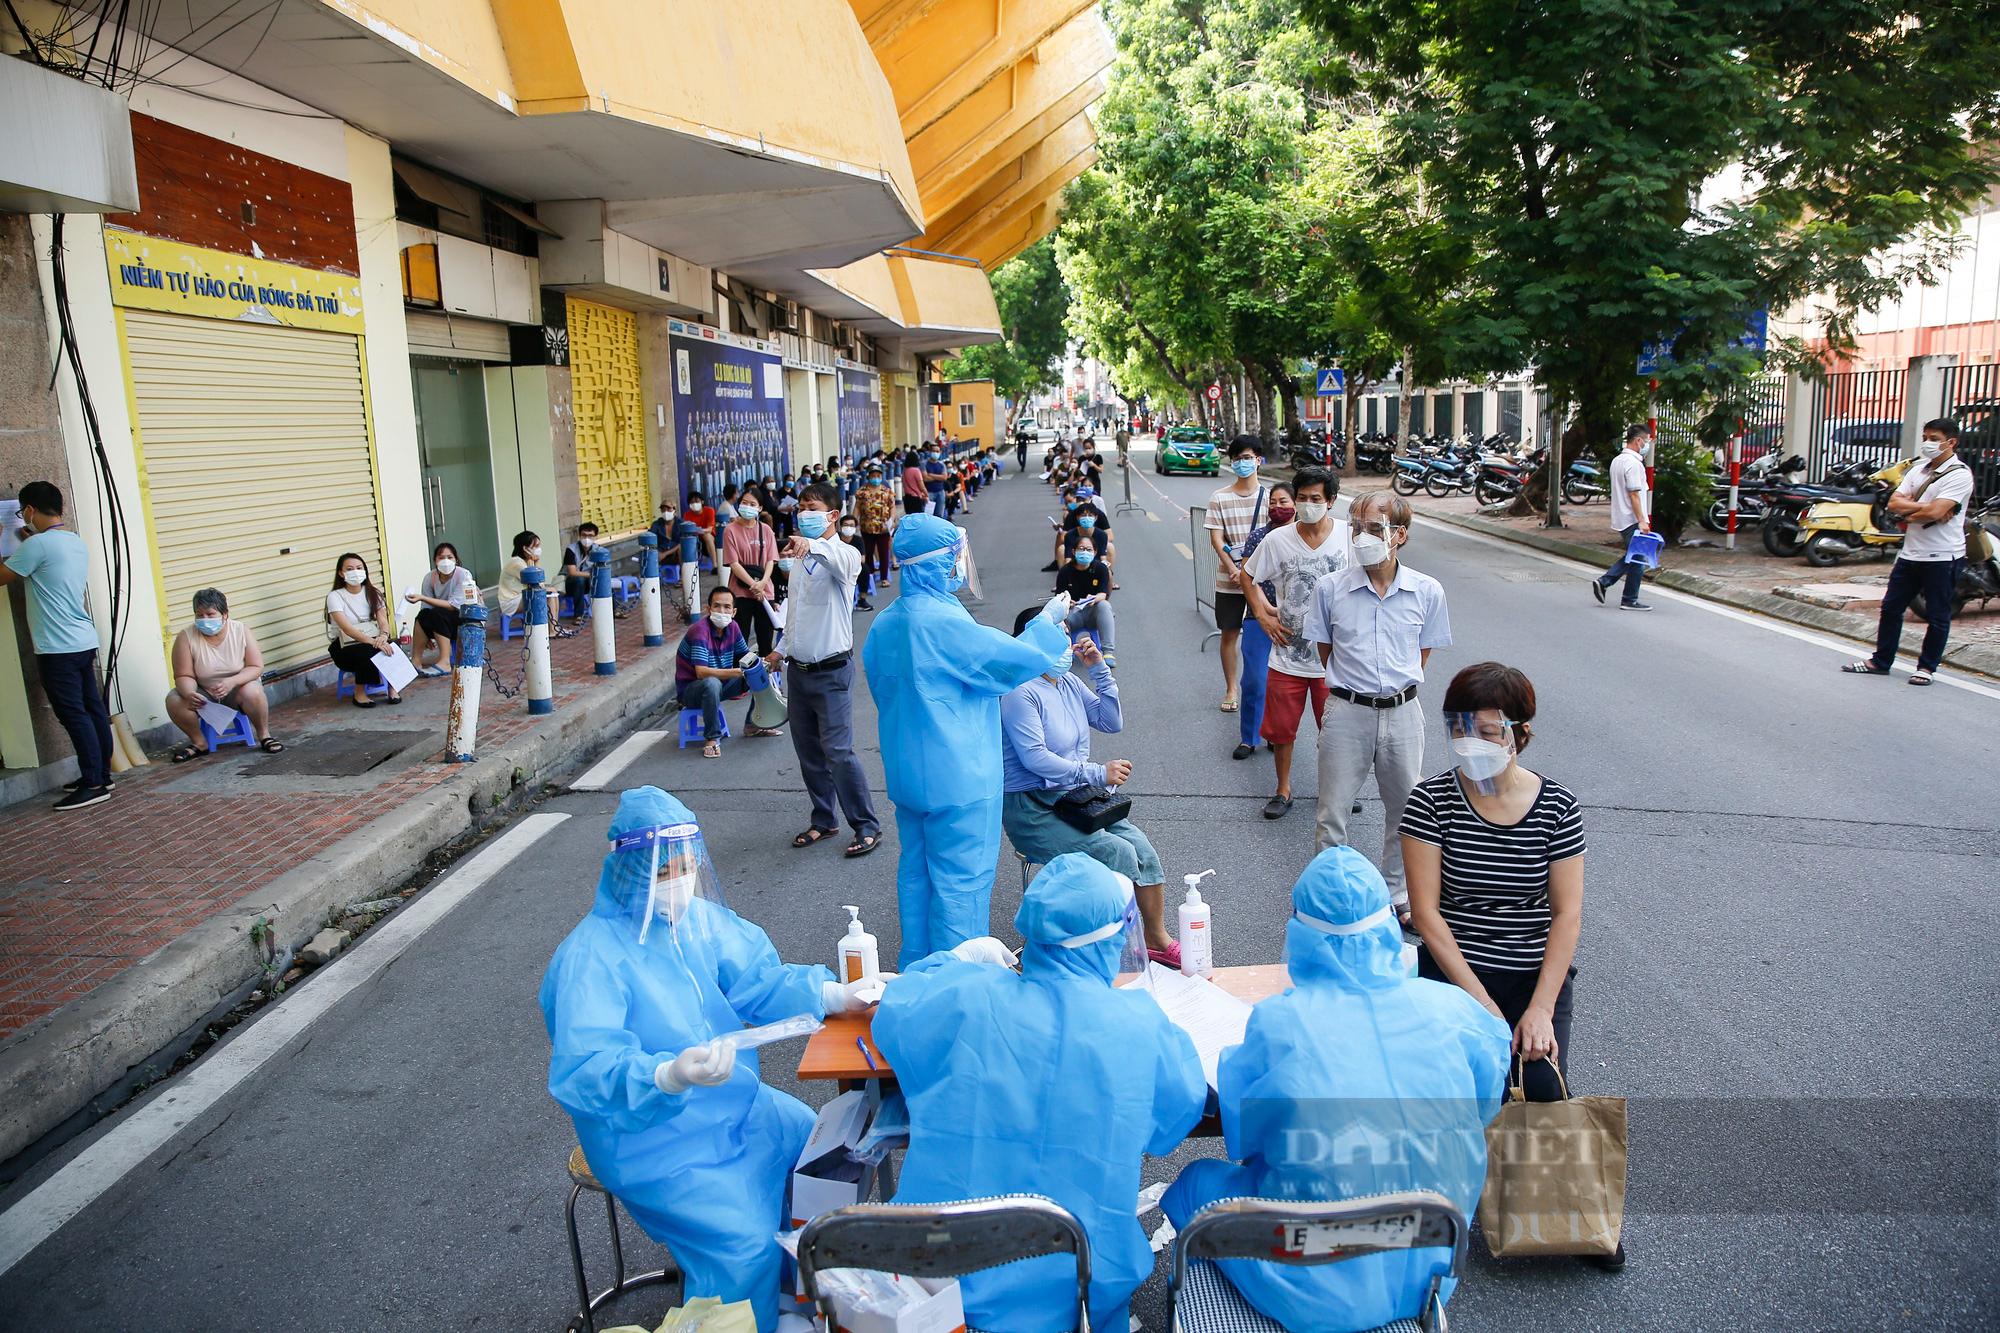 """Cận cảnh quy trình tiêm vaccine Covid-19 """"2 trong 1"""" đầu tiên ở Hà Nội - Ảnh 2."""